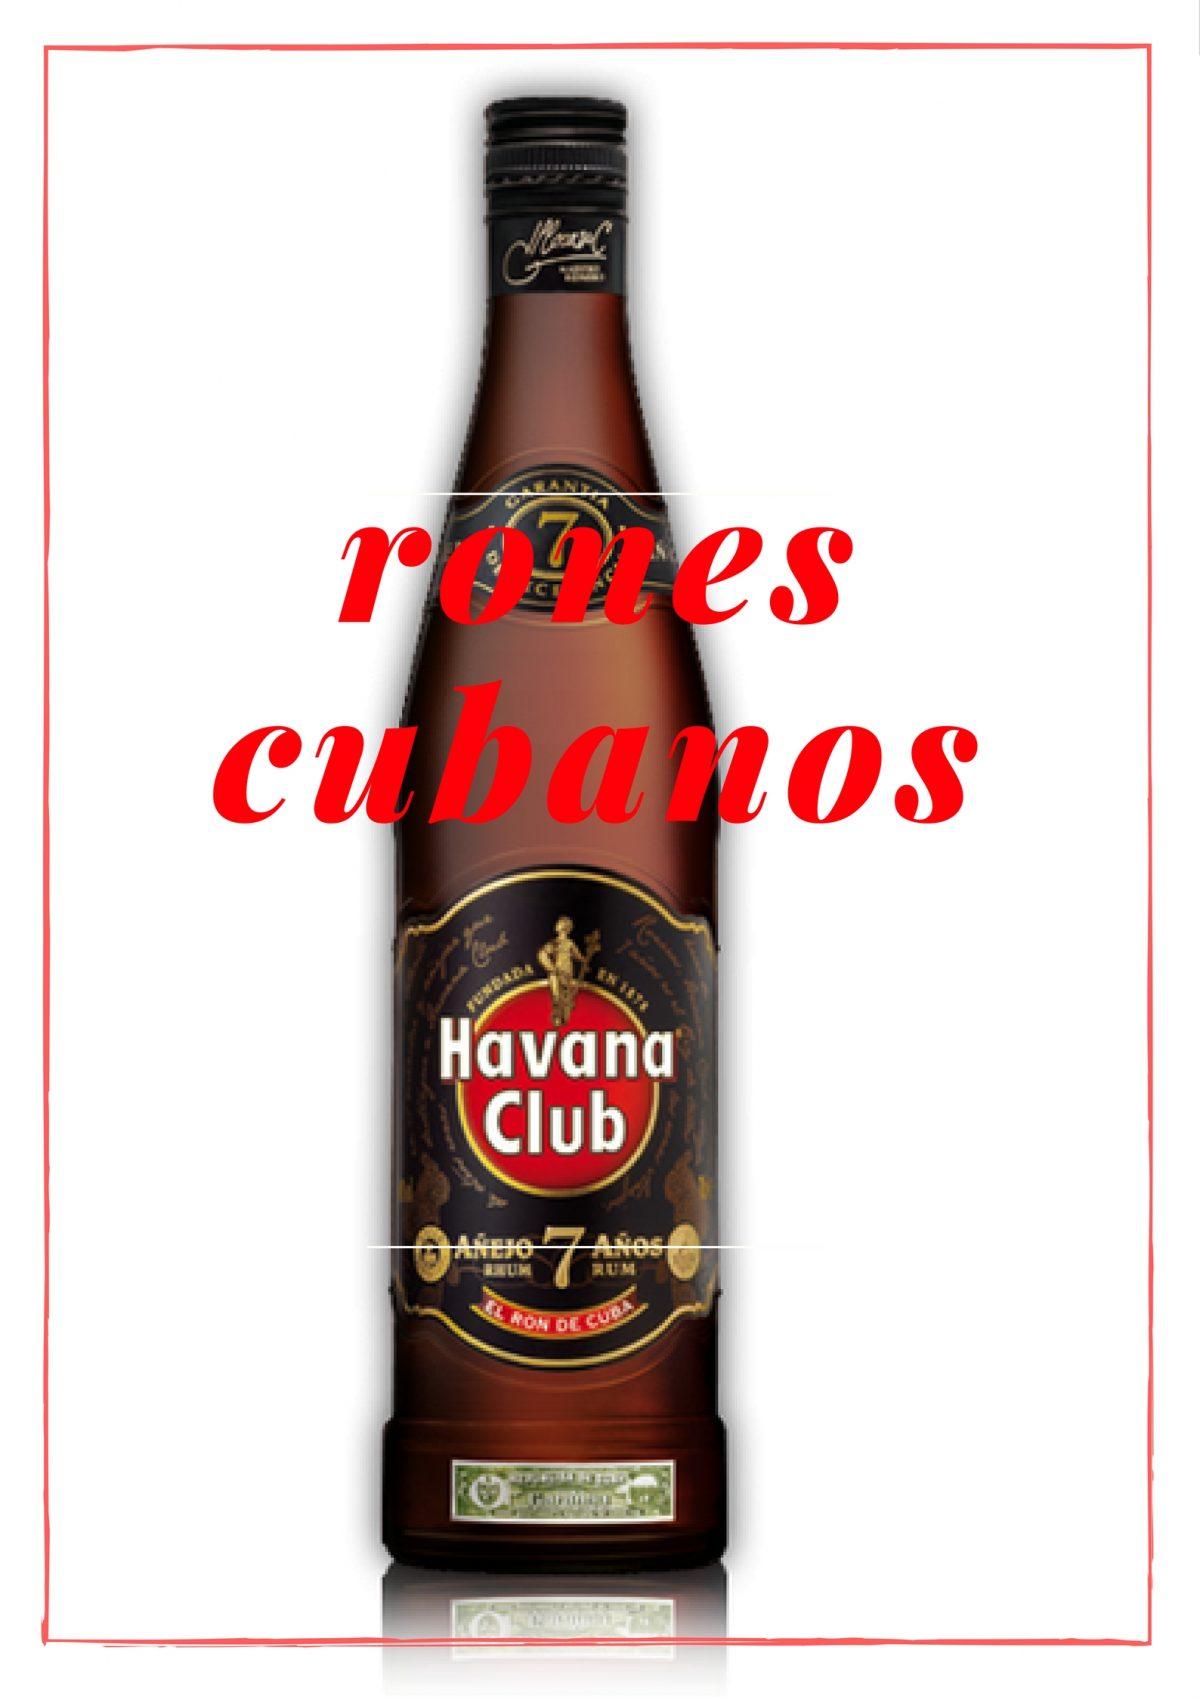 rones cubanos